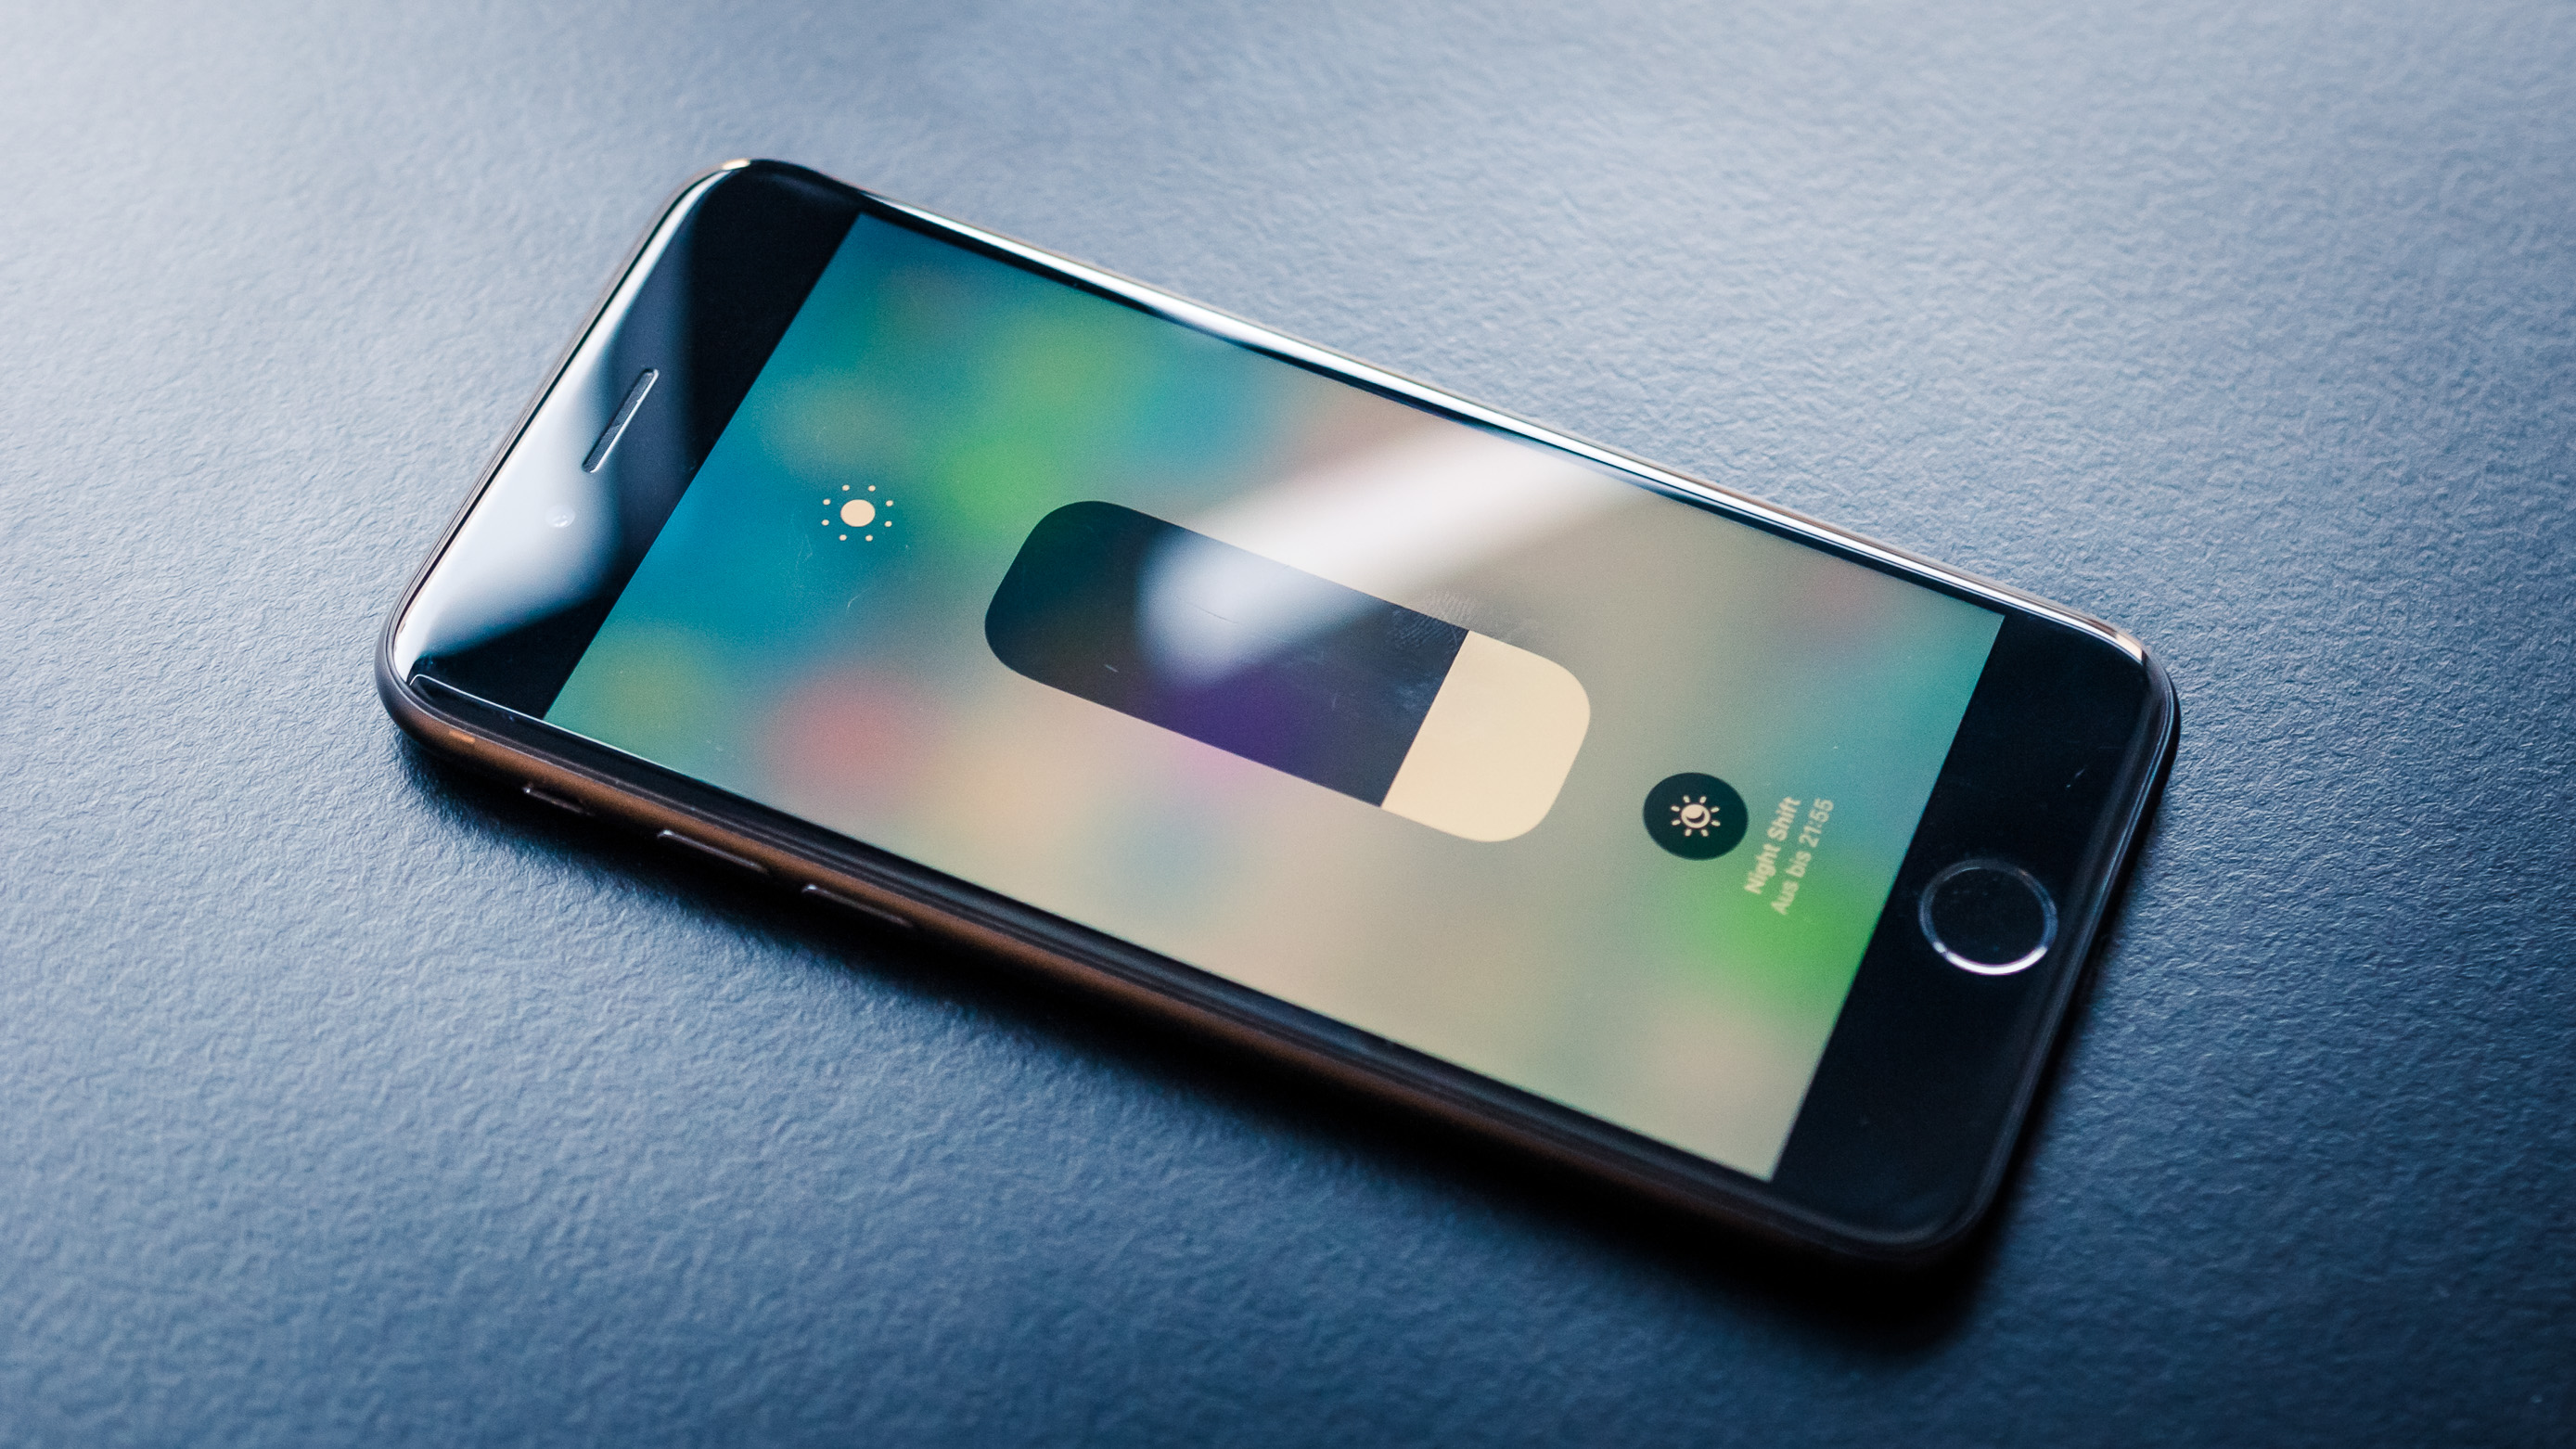 iPhone Akkulaufzeit verlängern Diese Maßnahmen helfen sofort